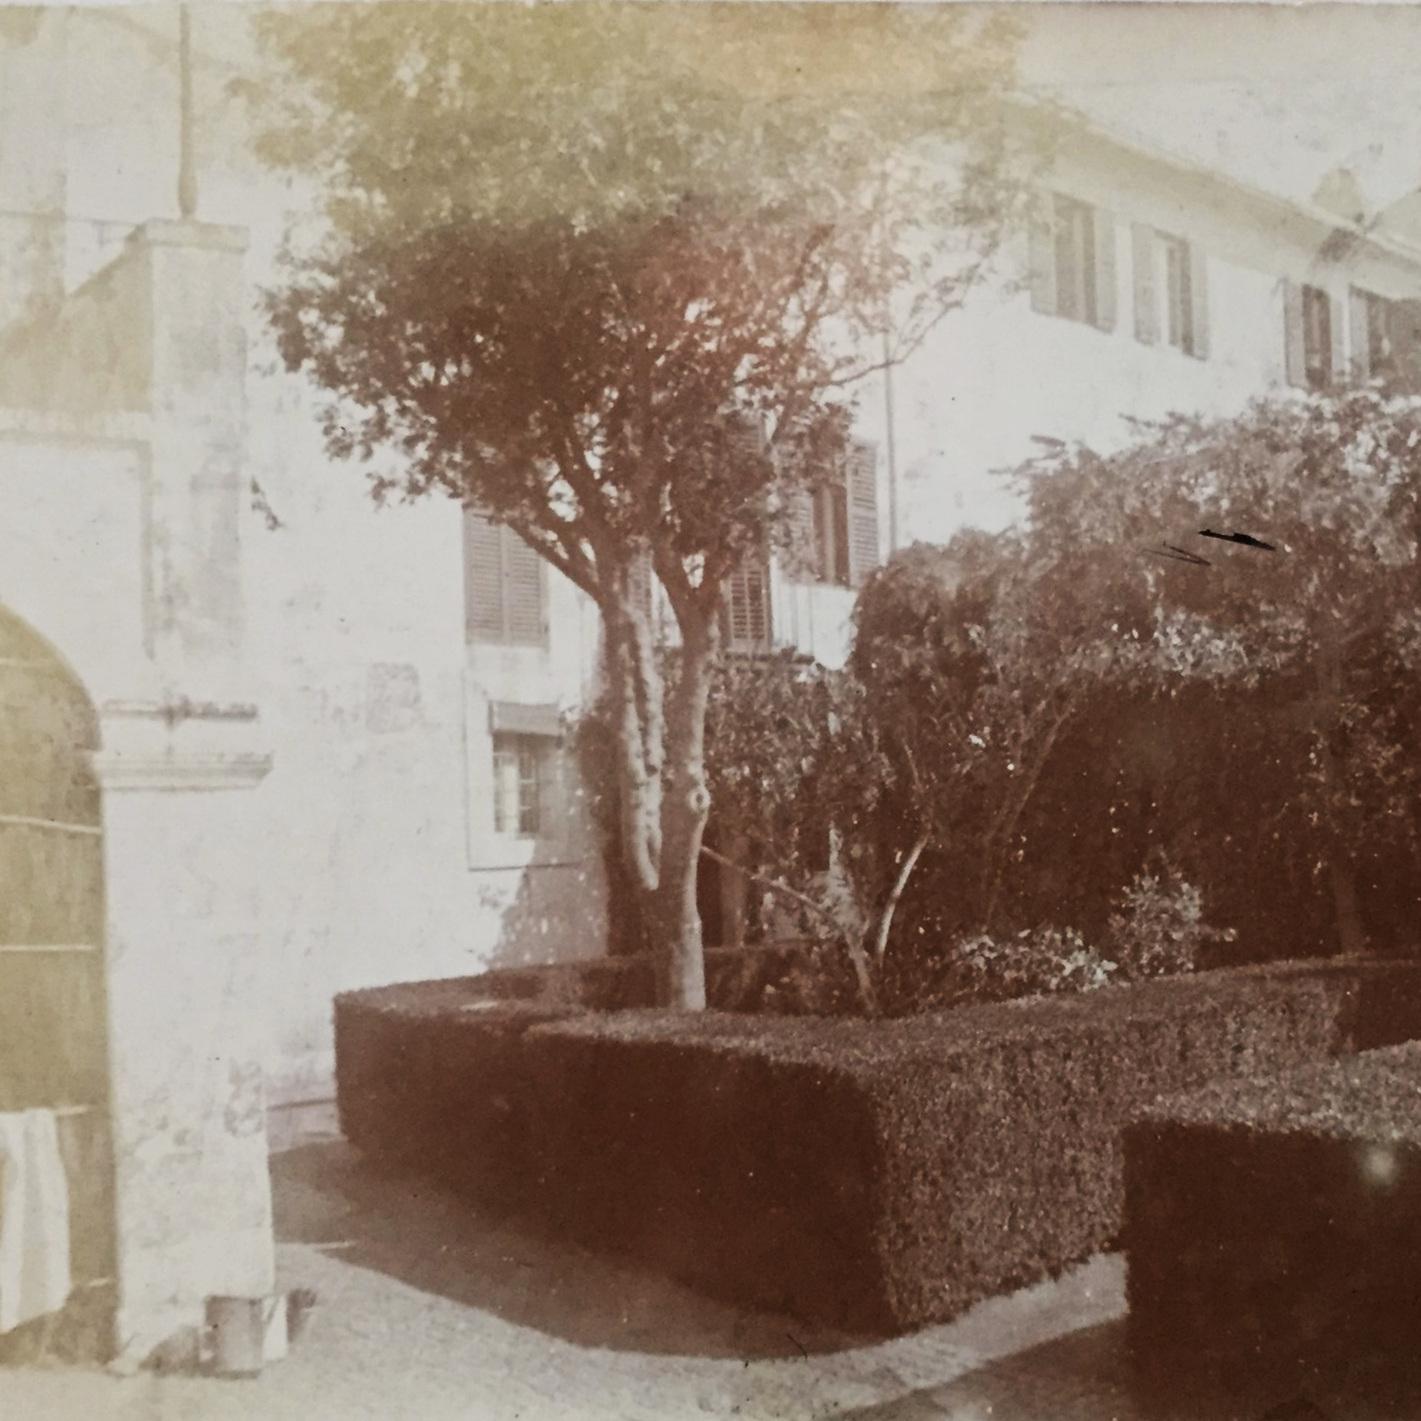 The terrace of the villa at Monte Porzio